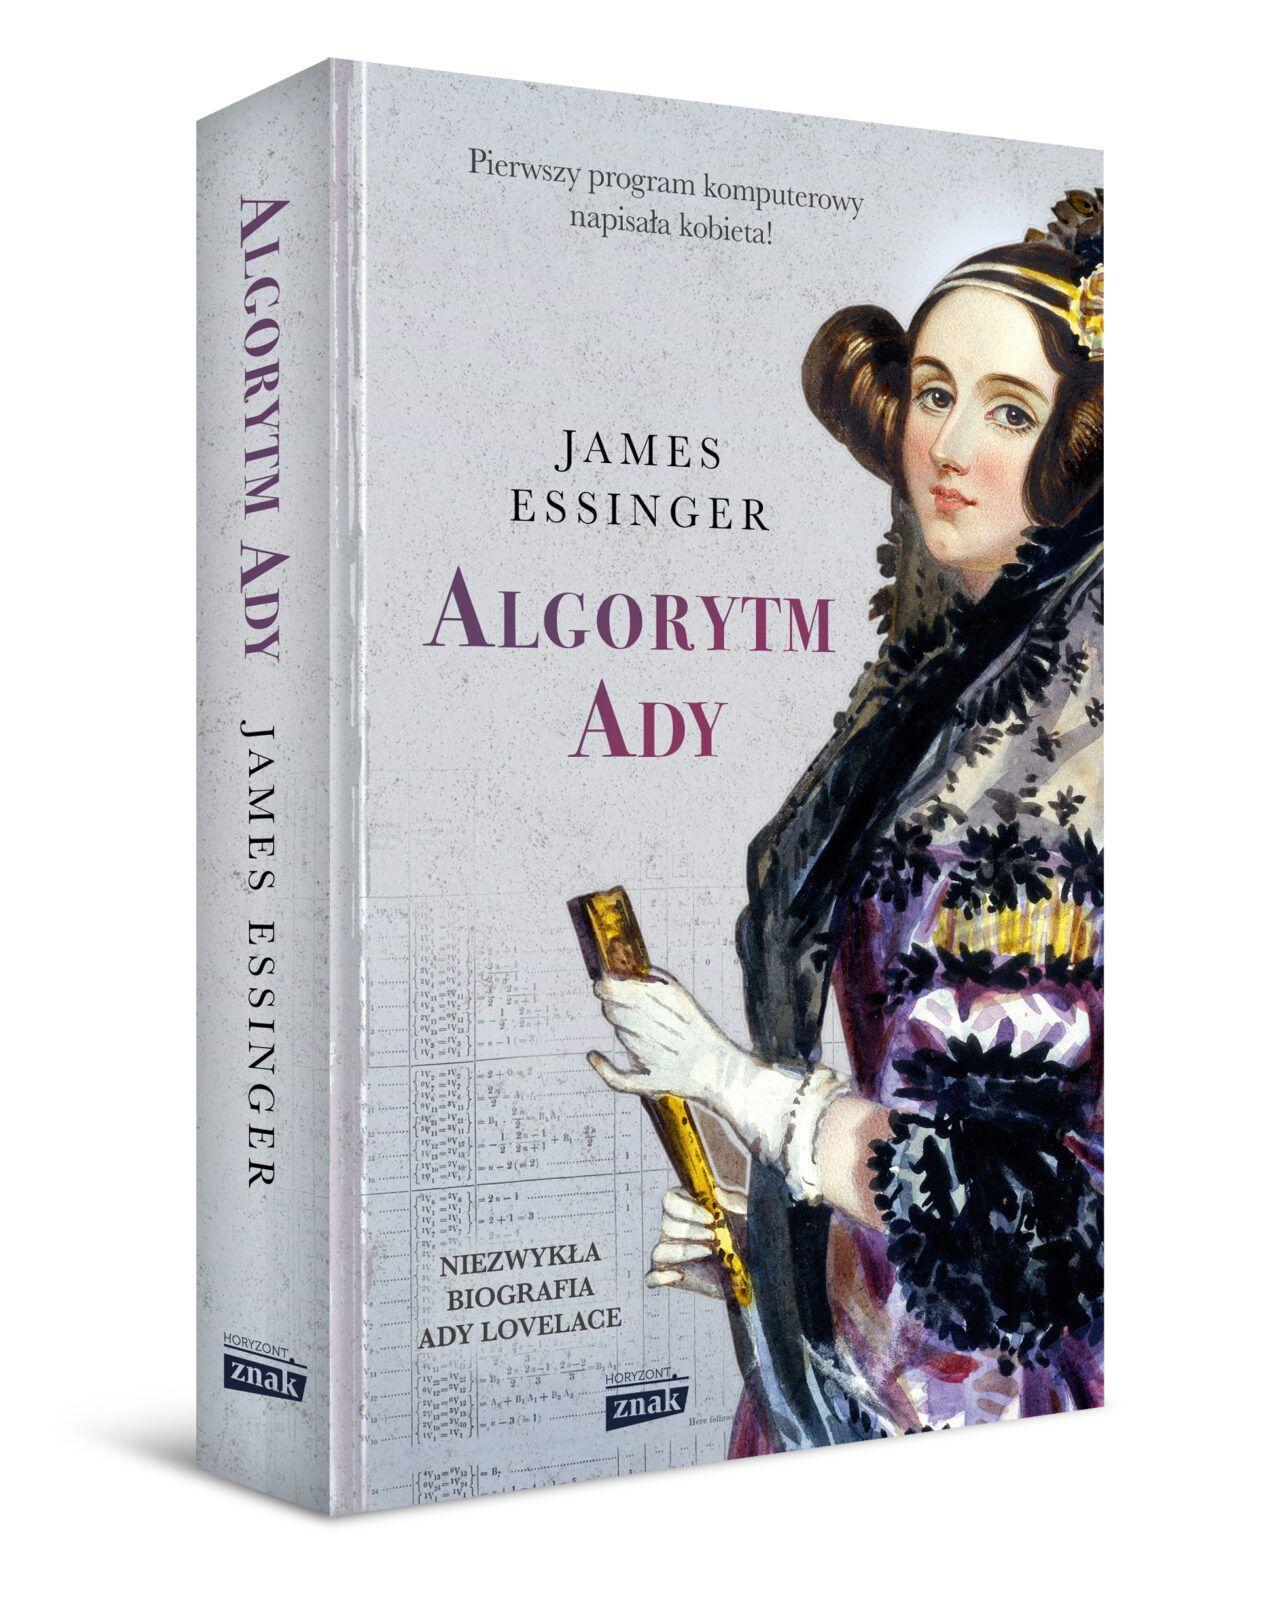 James Essinger – Algorytm Ady